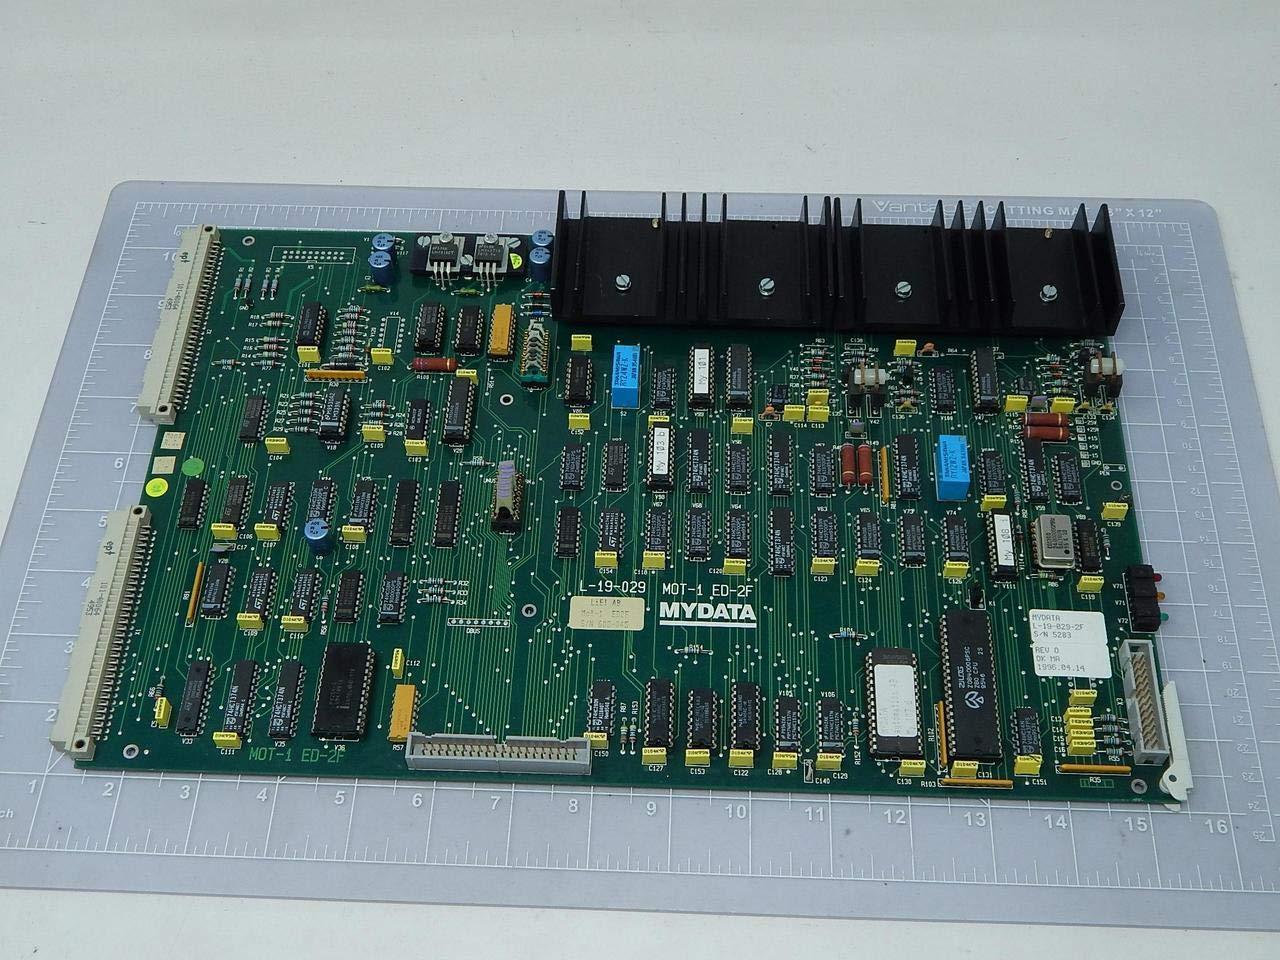 Mydata Automation L-19-029-2F M0T-1 ED-2F Motor Control Board T146012